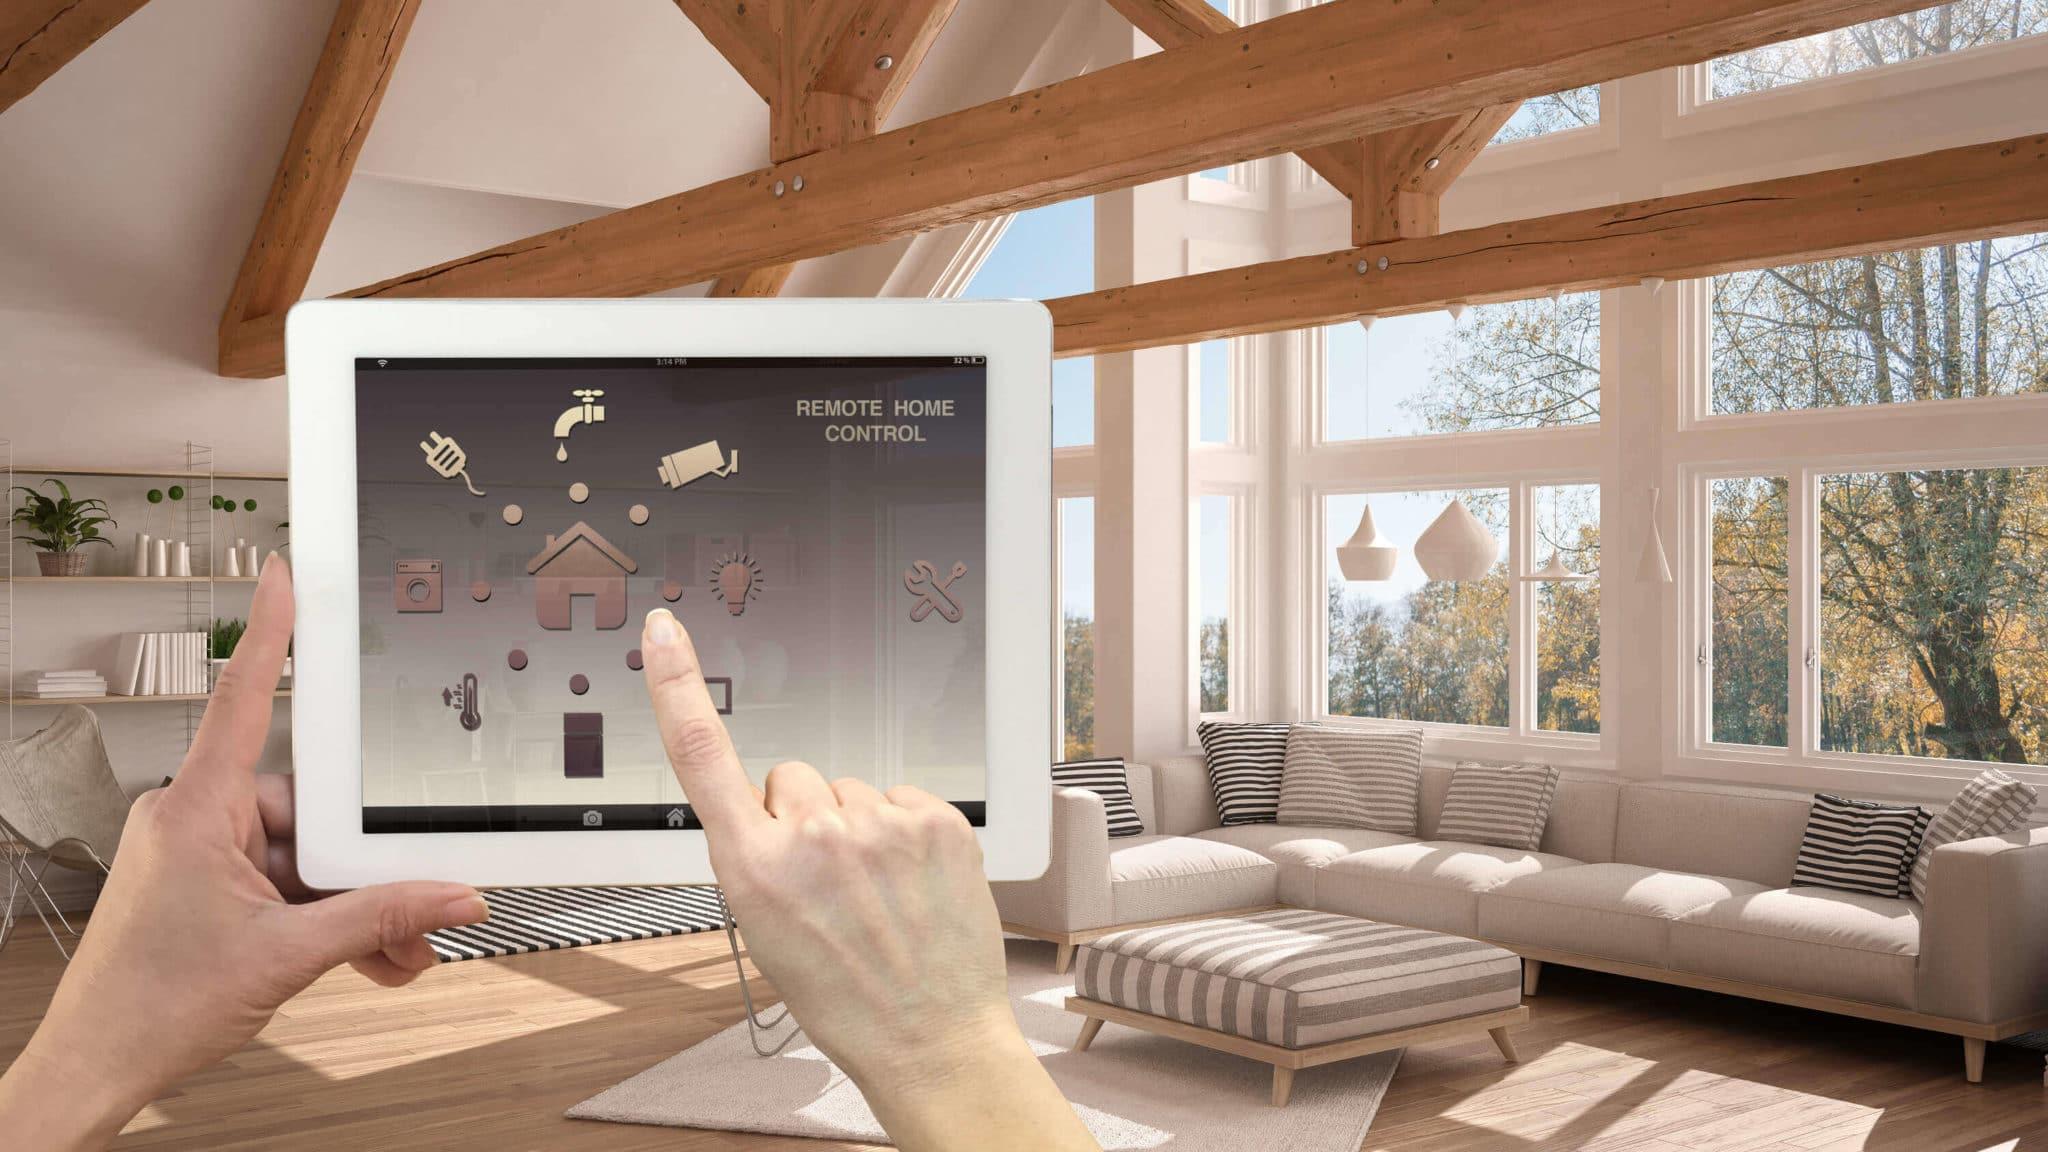 Domótica en el hogar - desde la tablet controlamos todo